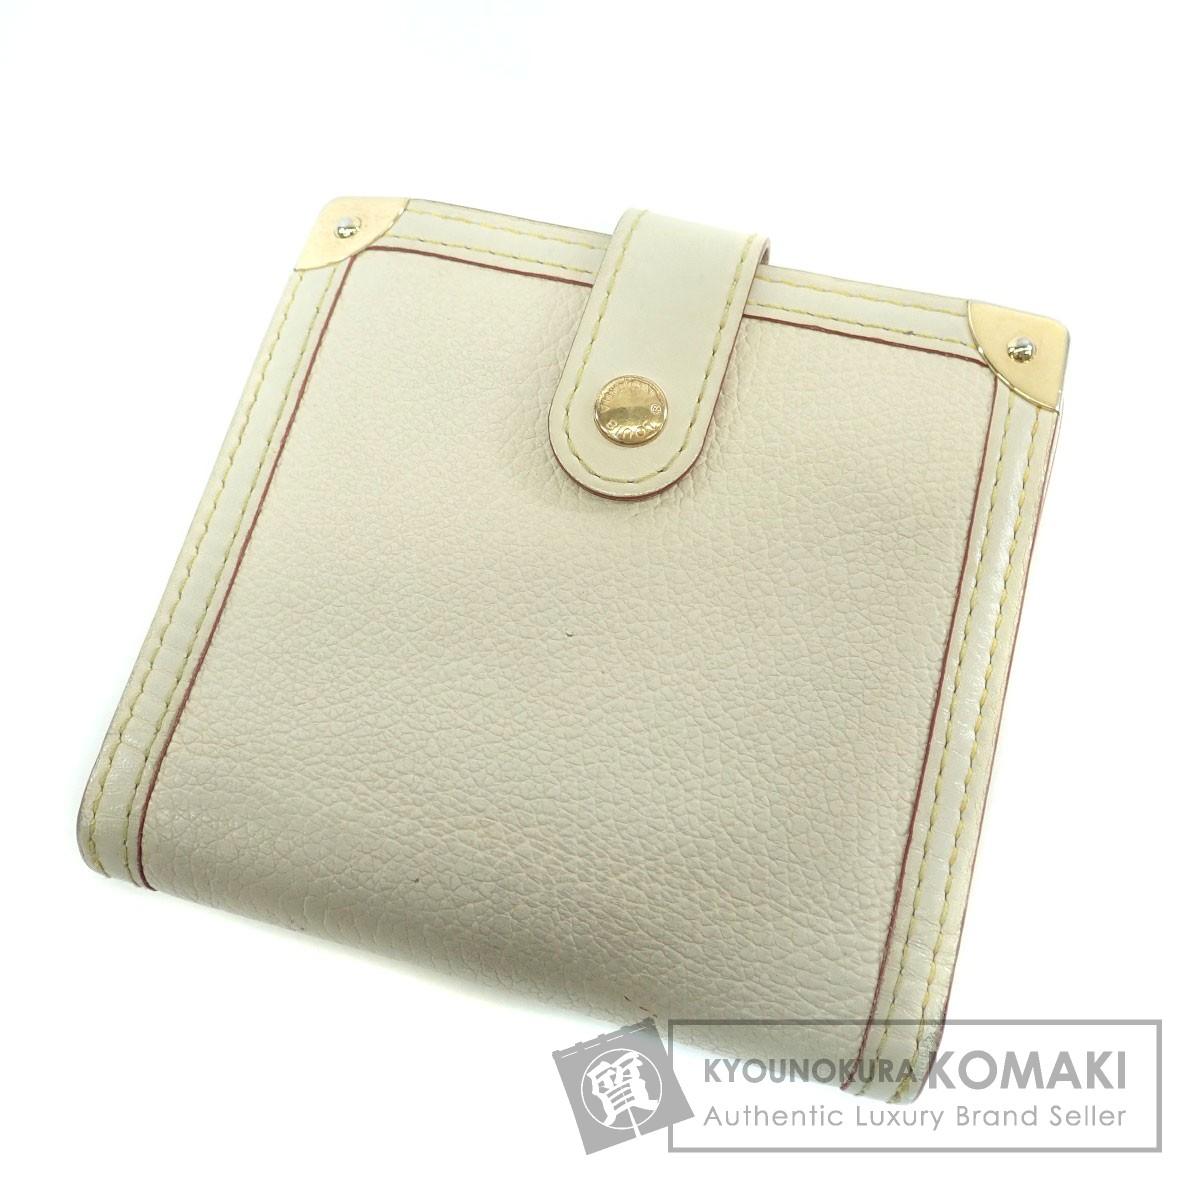 LOUIS VUITTON M91831 コンパクトジップ スハリ 二つ折り財布(小銭入れあり) スハリ レディース 【中古】【ルイ・ヴィトン】